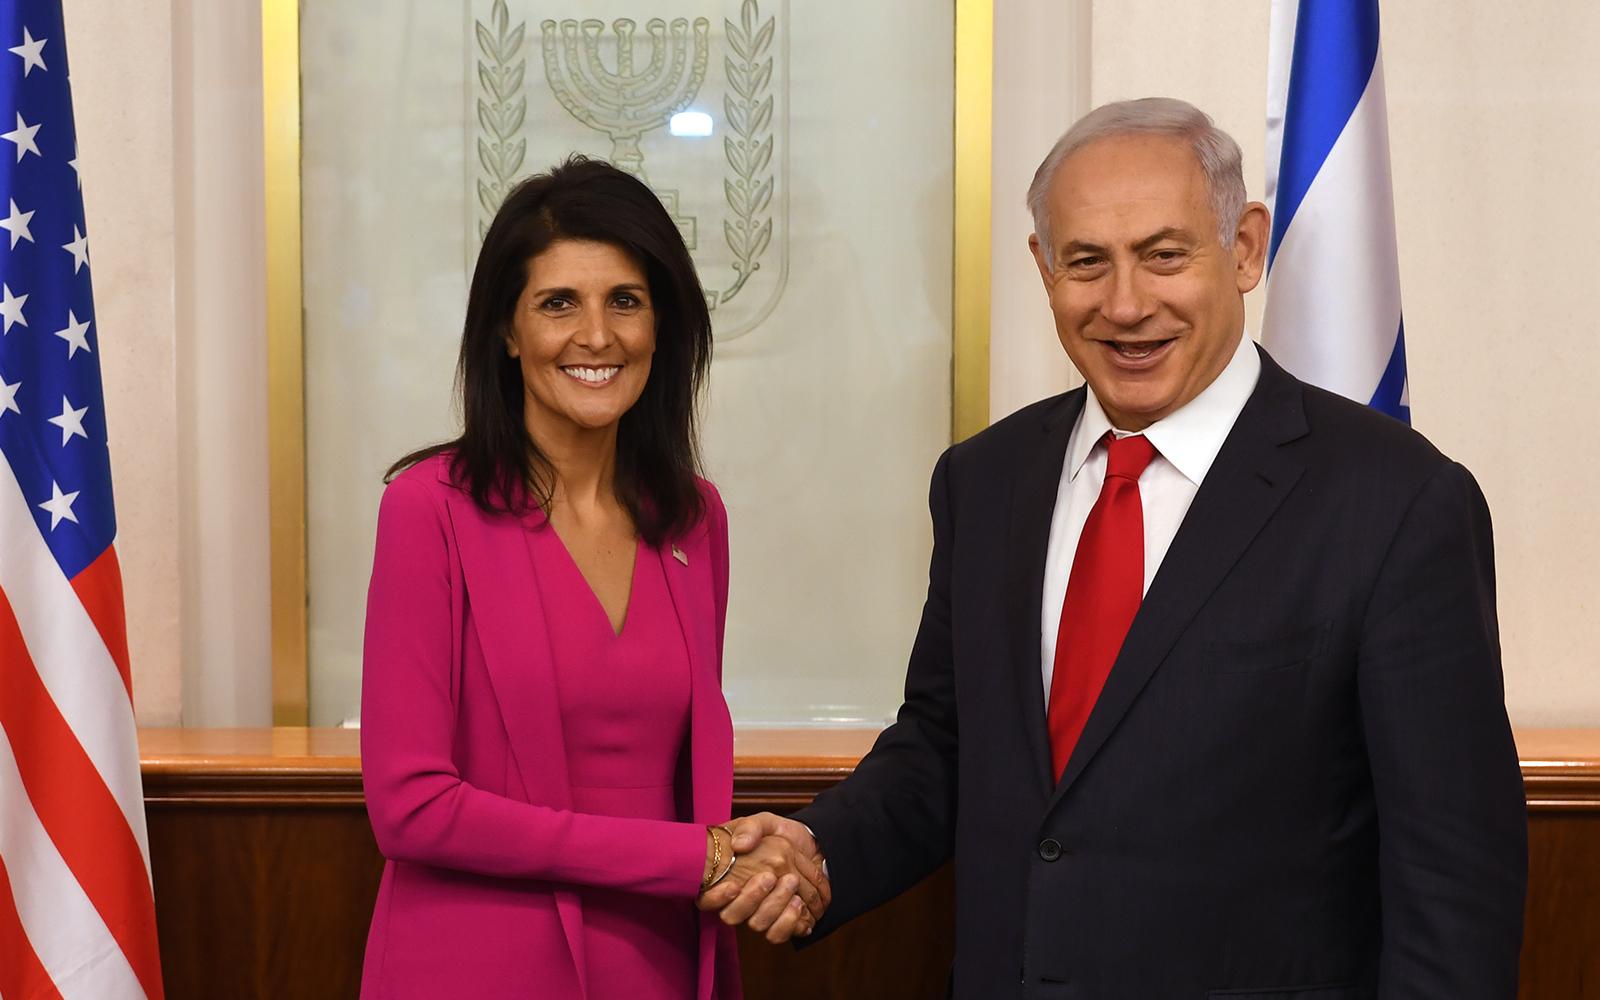 نتنياهو: هايلي قدمت دعماً أميركياً كبيراً إلى إسرائيل